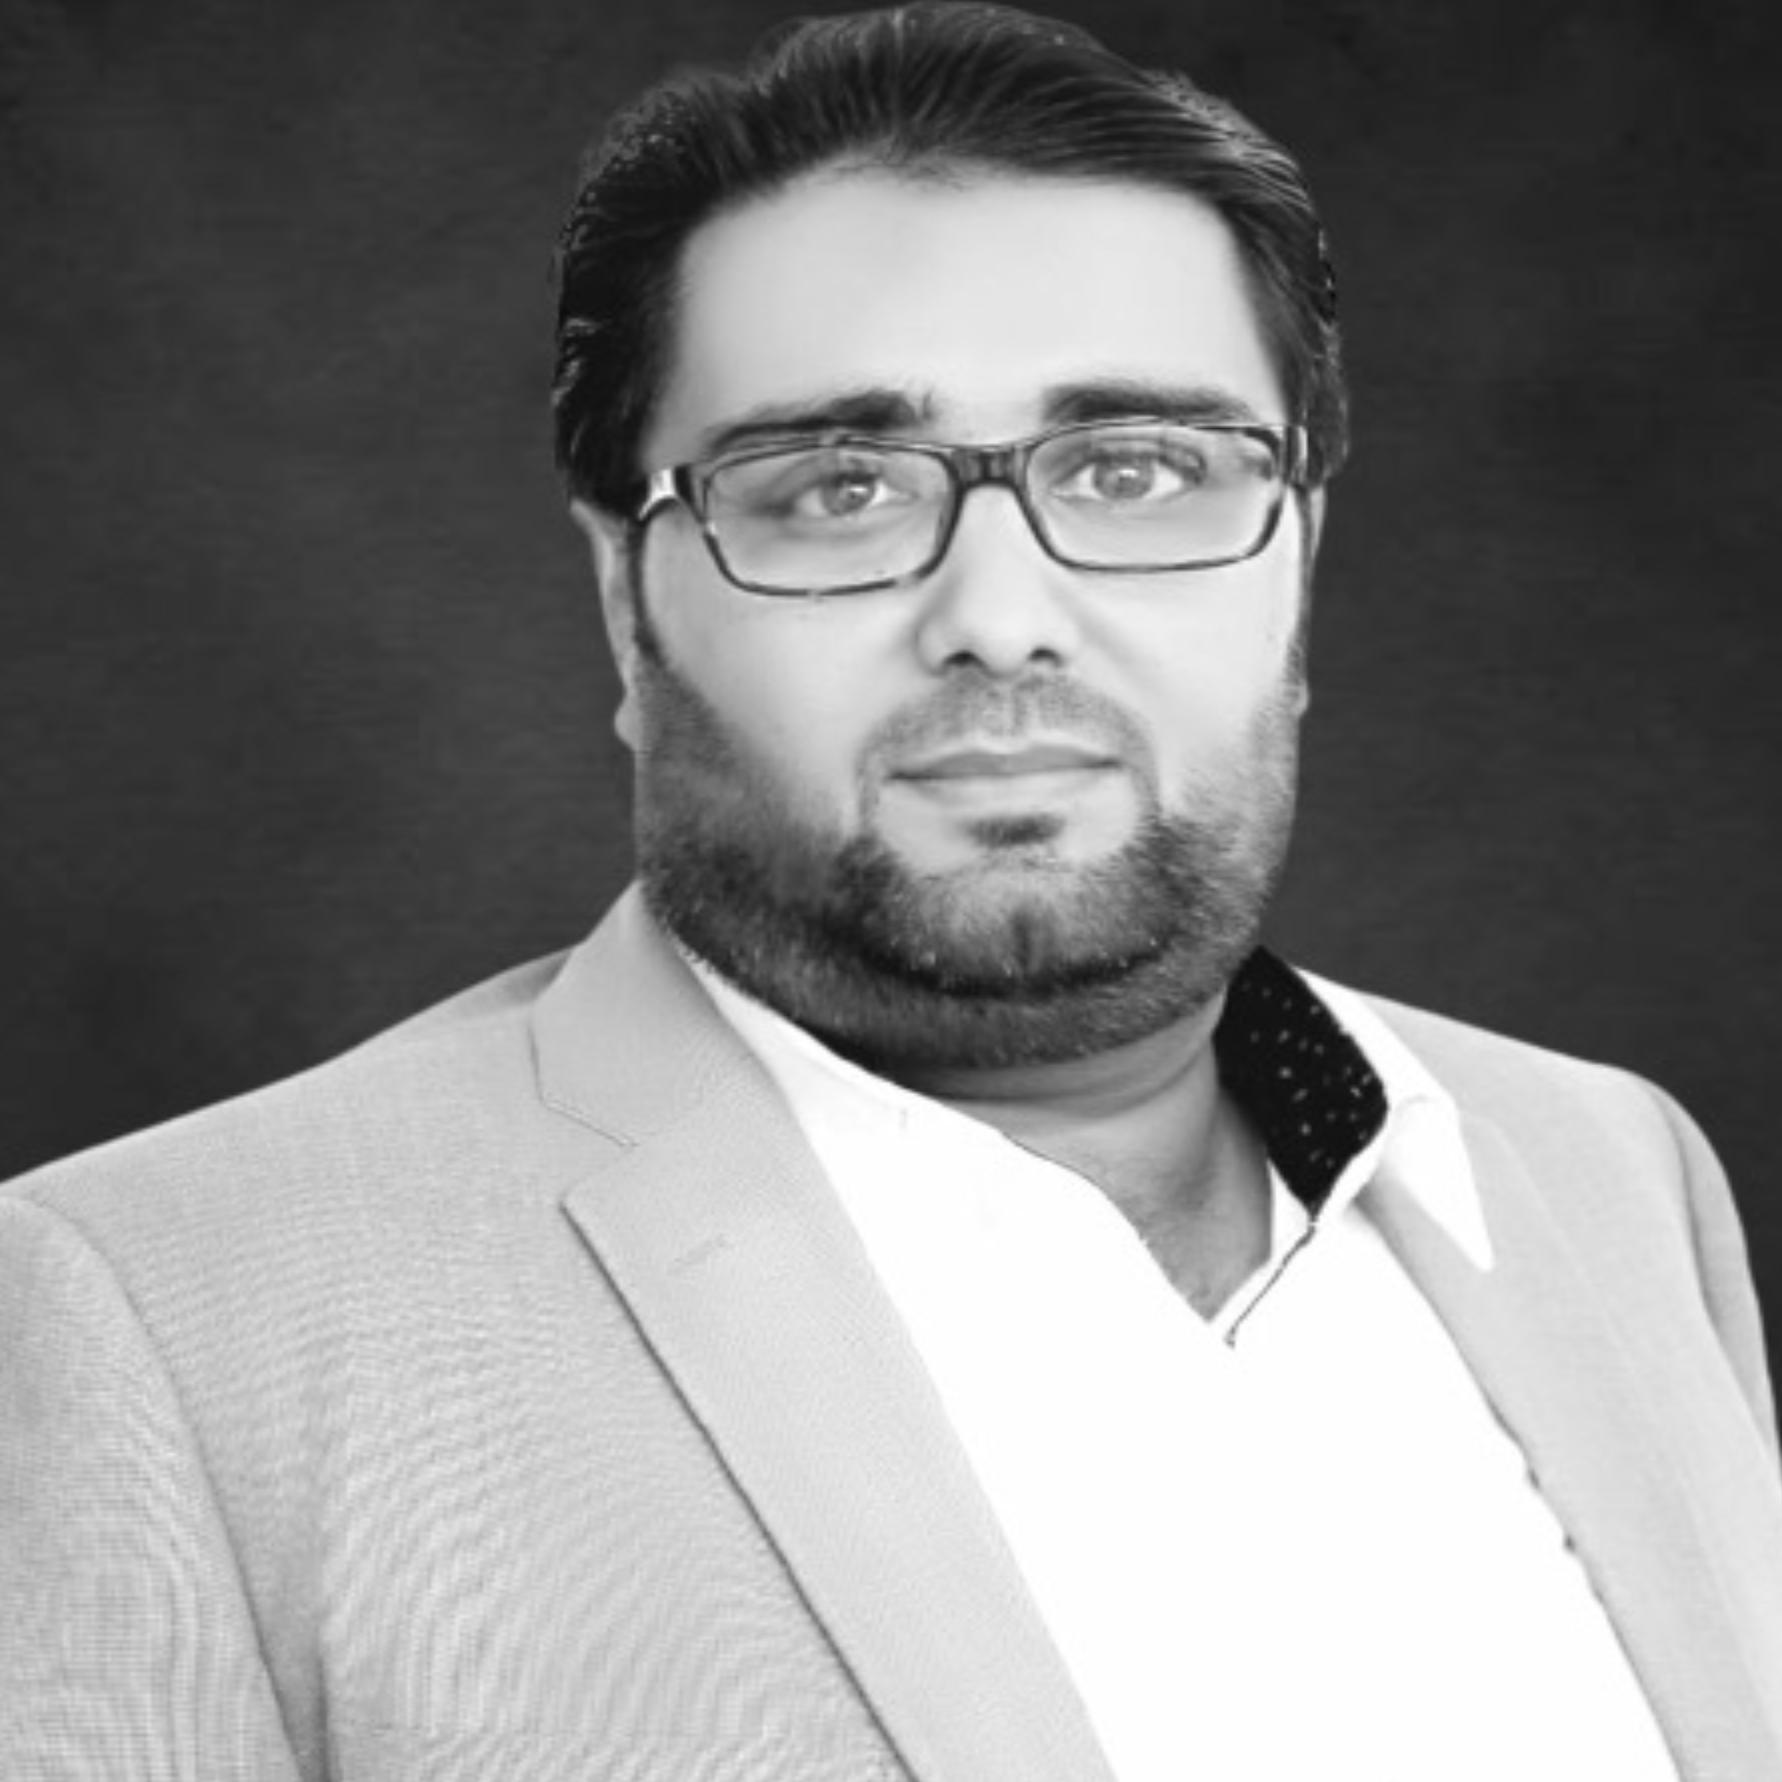 Ghulam Hanif